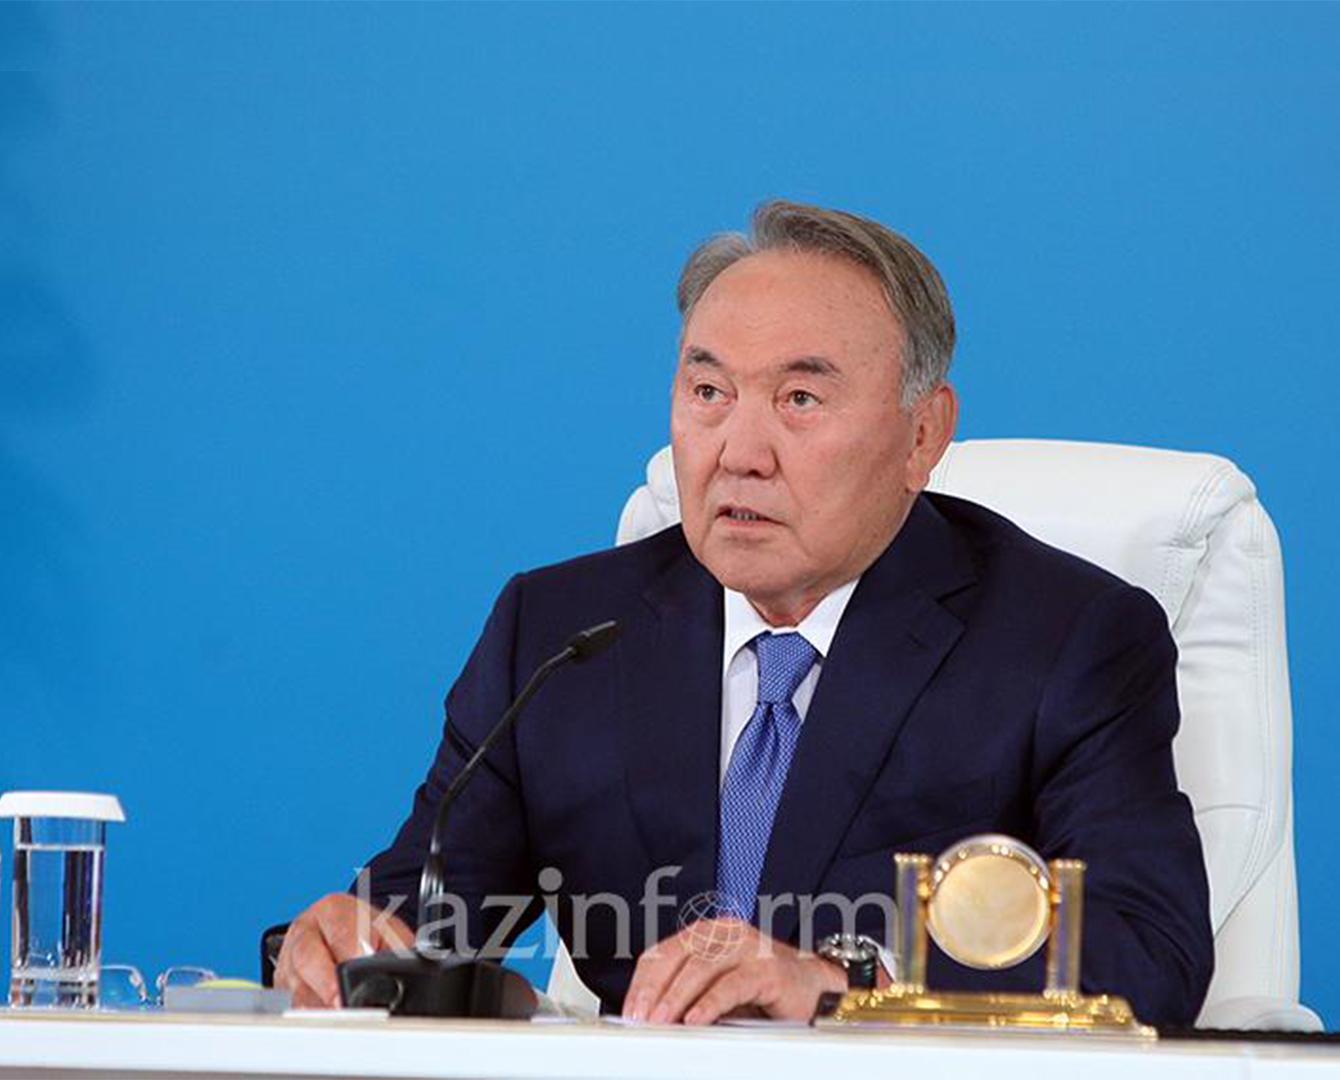 Саммит ШОС: Президент озвучил предложение по снижению рисков валютной зависимости